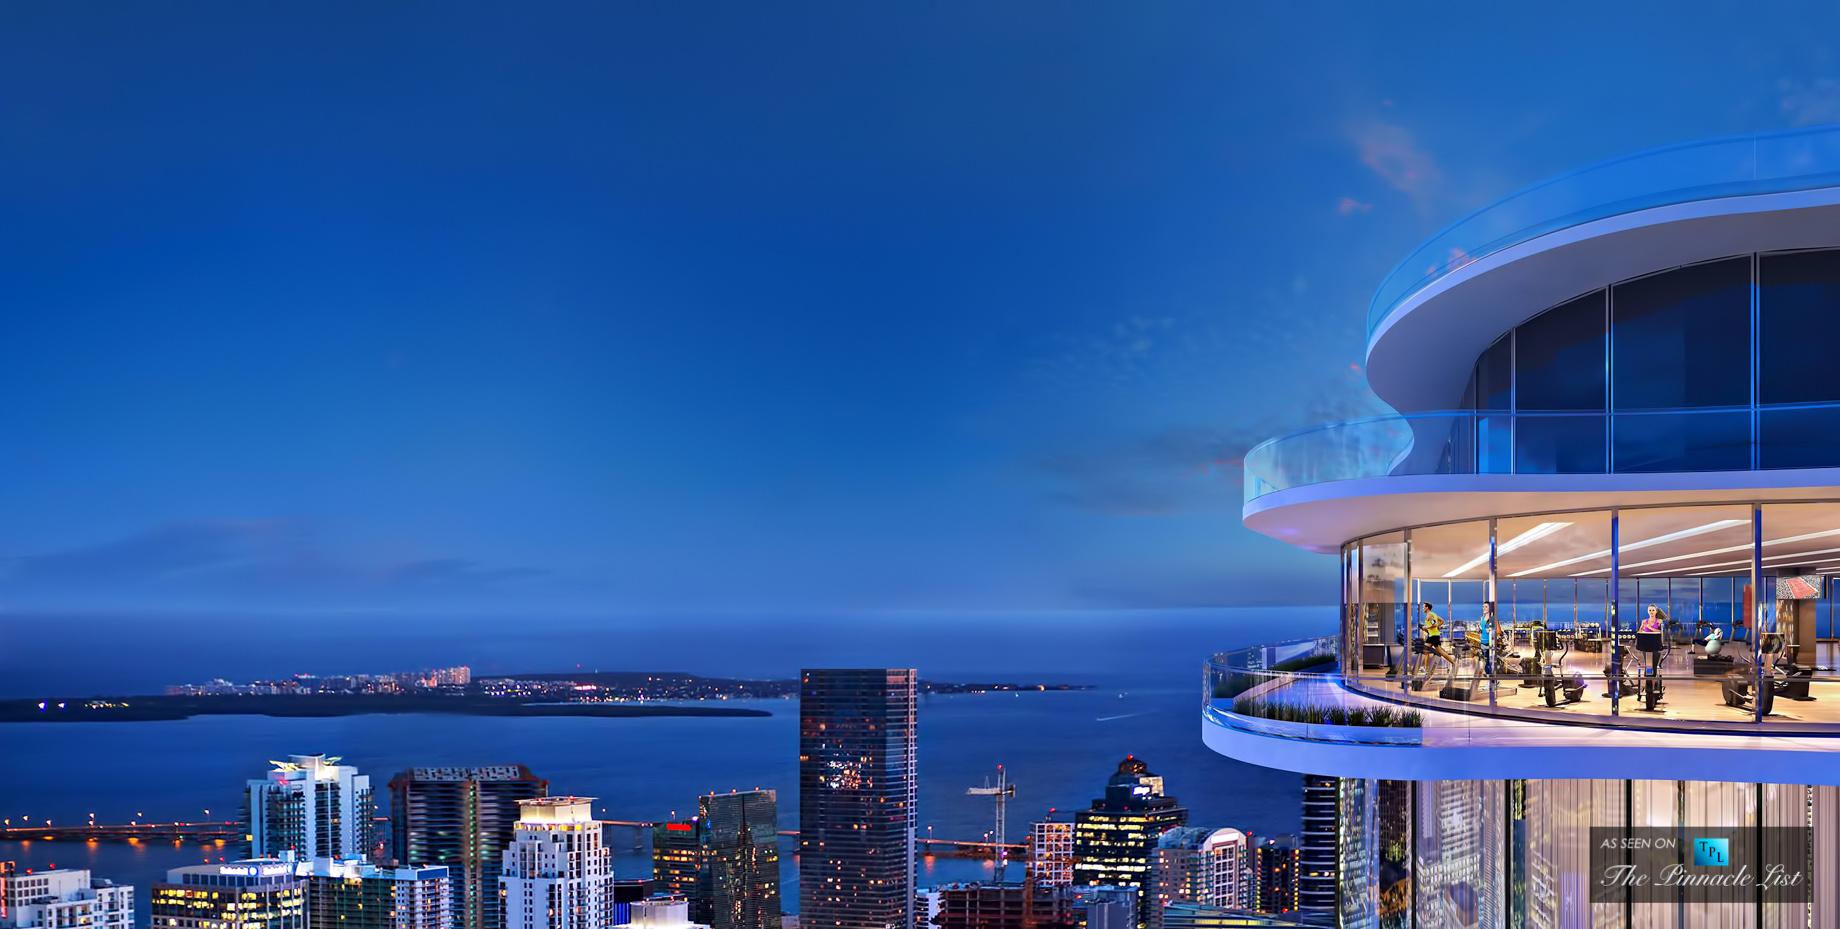 Brickell Flatiron Sky Gym - 1001 S Miami Ave, Miami, FL, USA